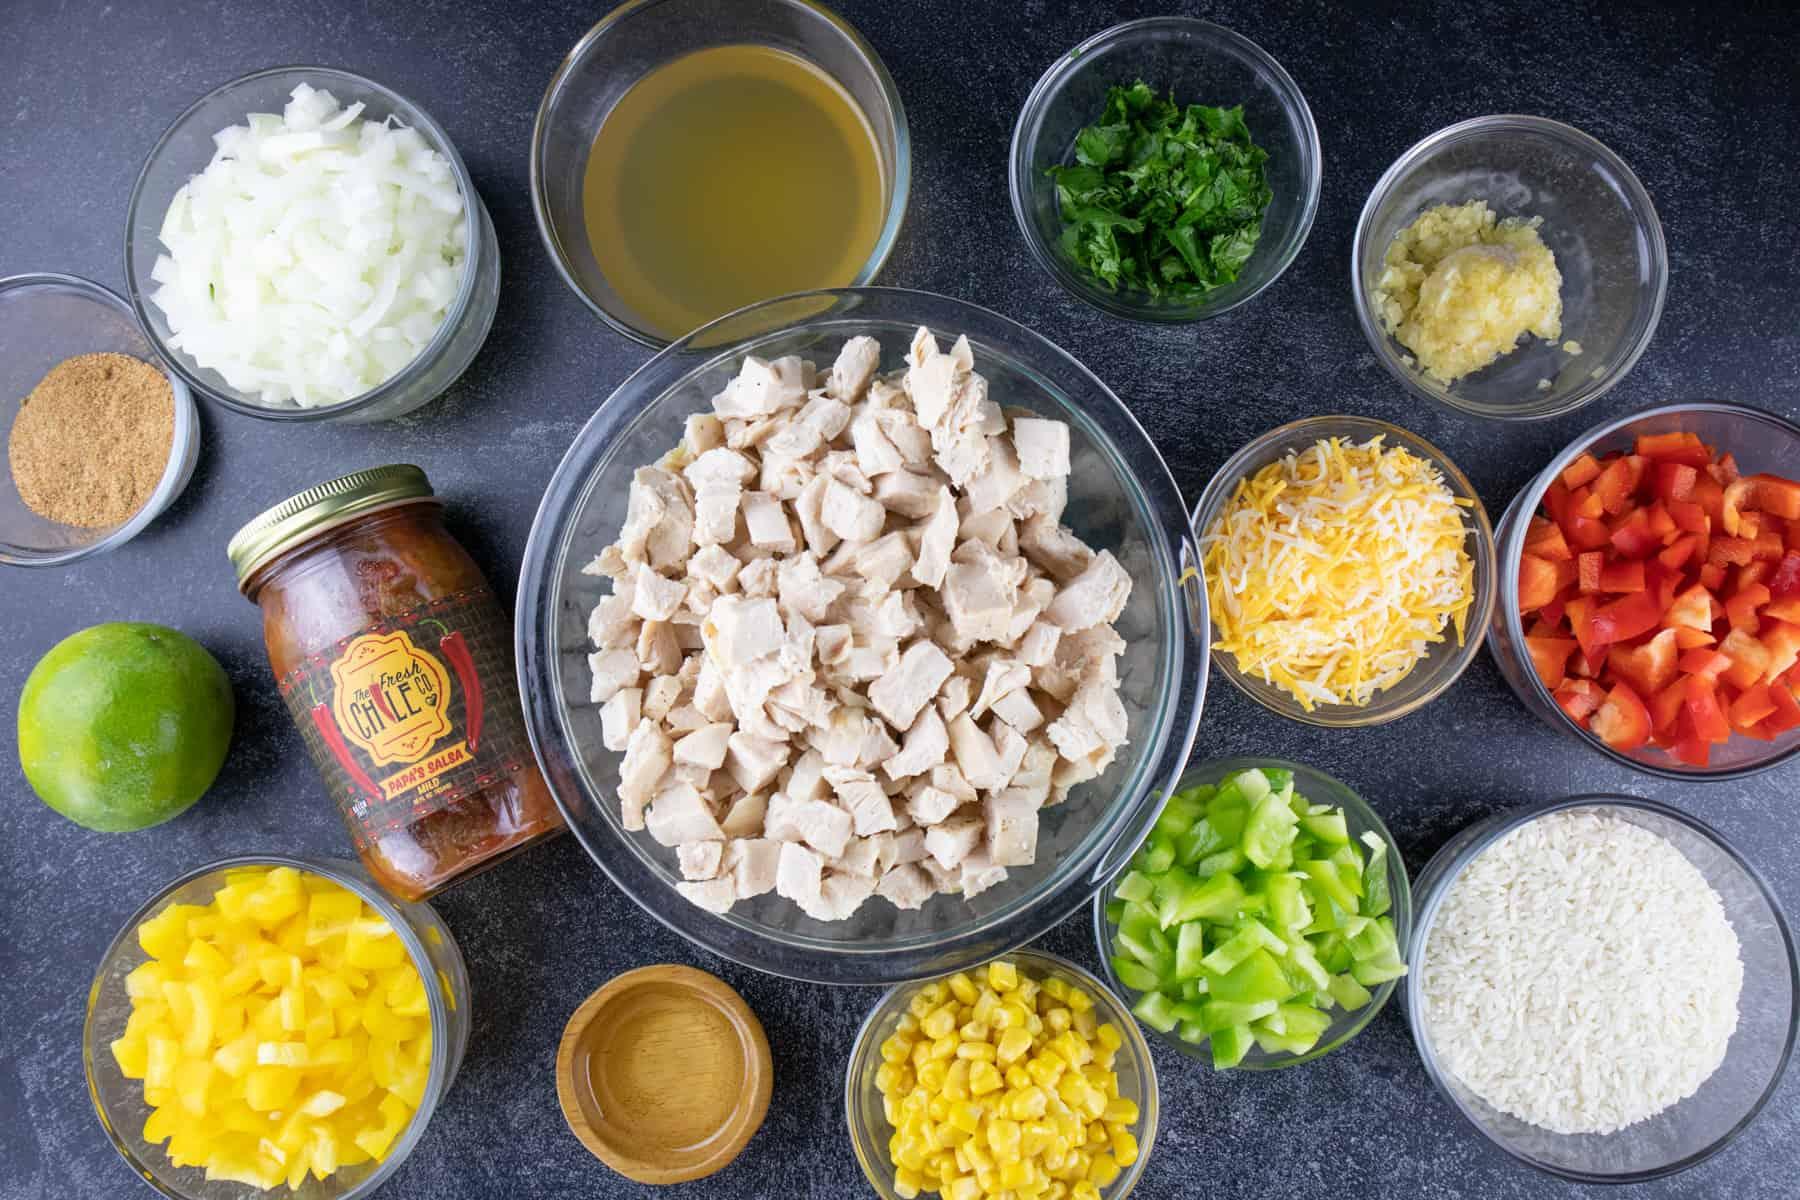 southwest chicken recipe ingredients in own bowls